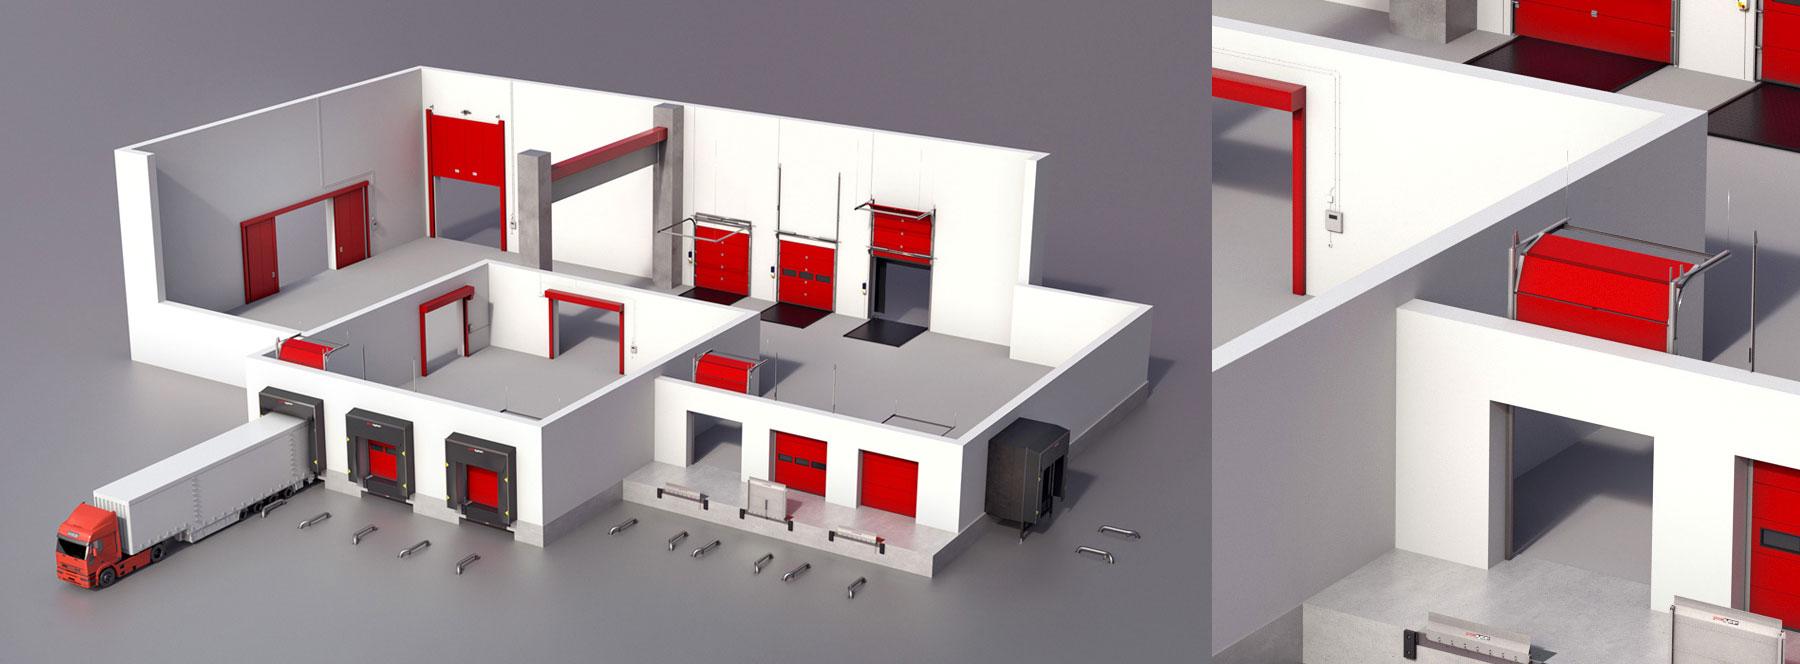 Wizualizacje 3D Bram / <span>Global System</span>